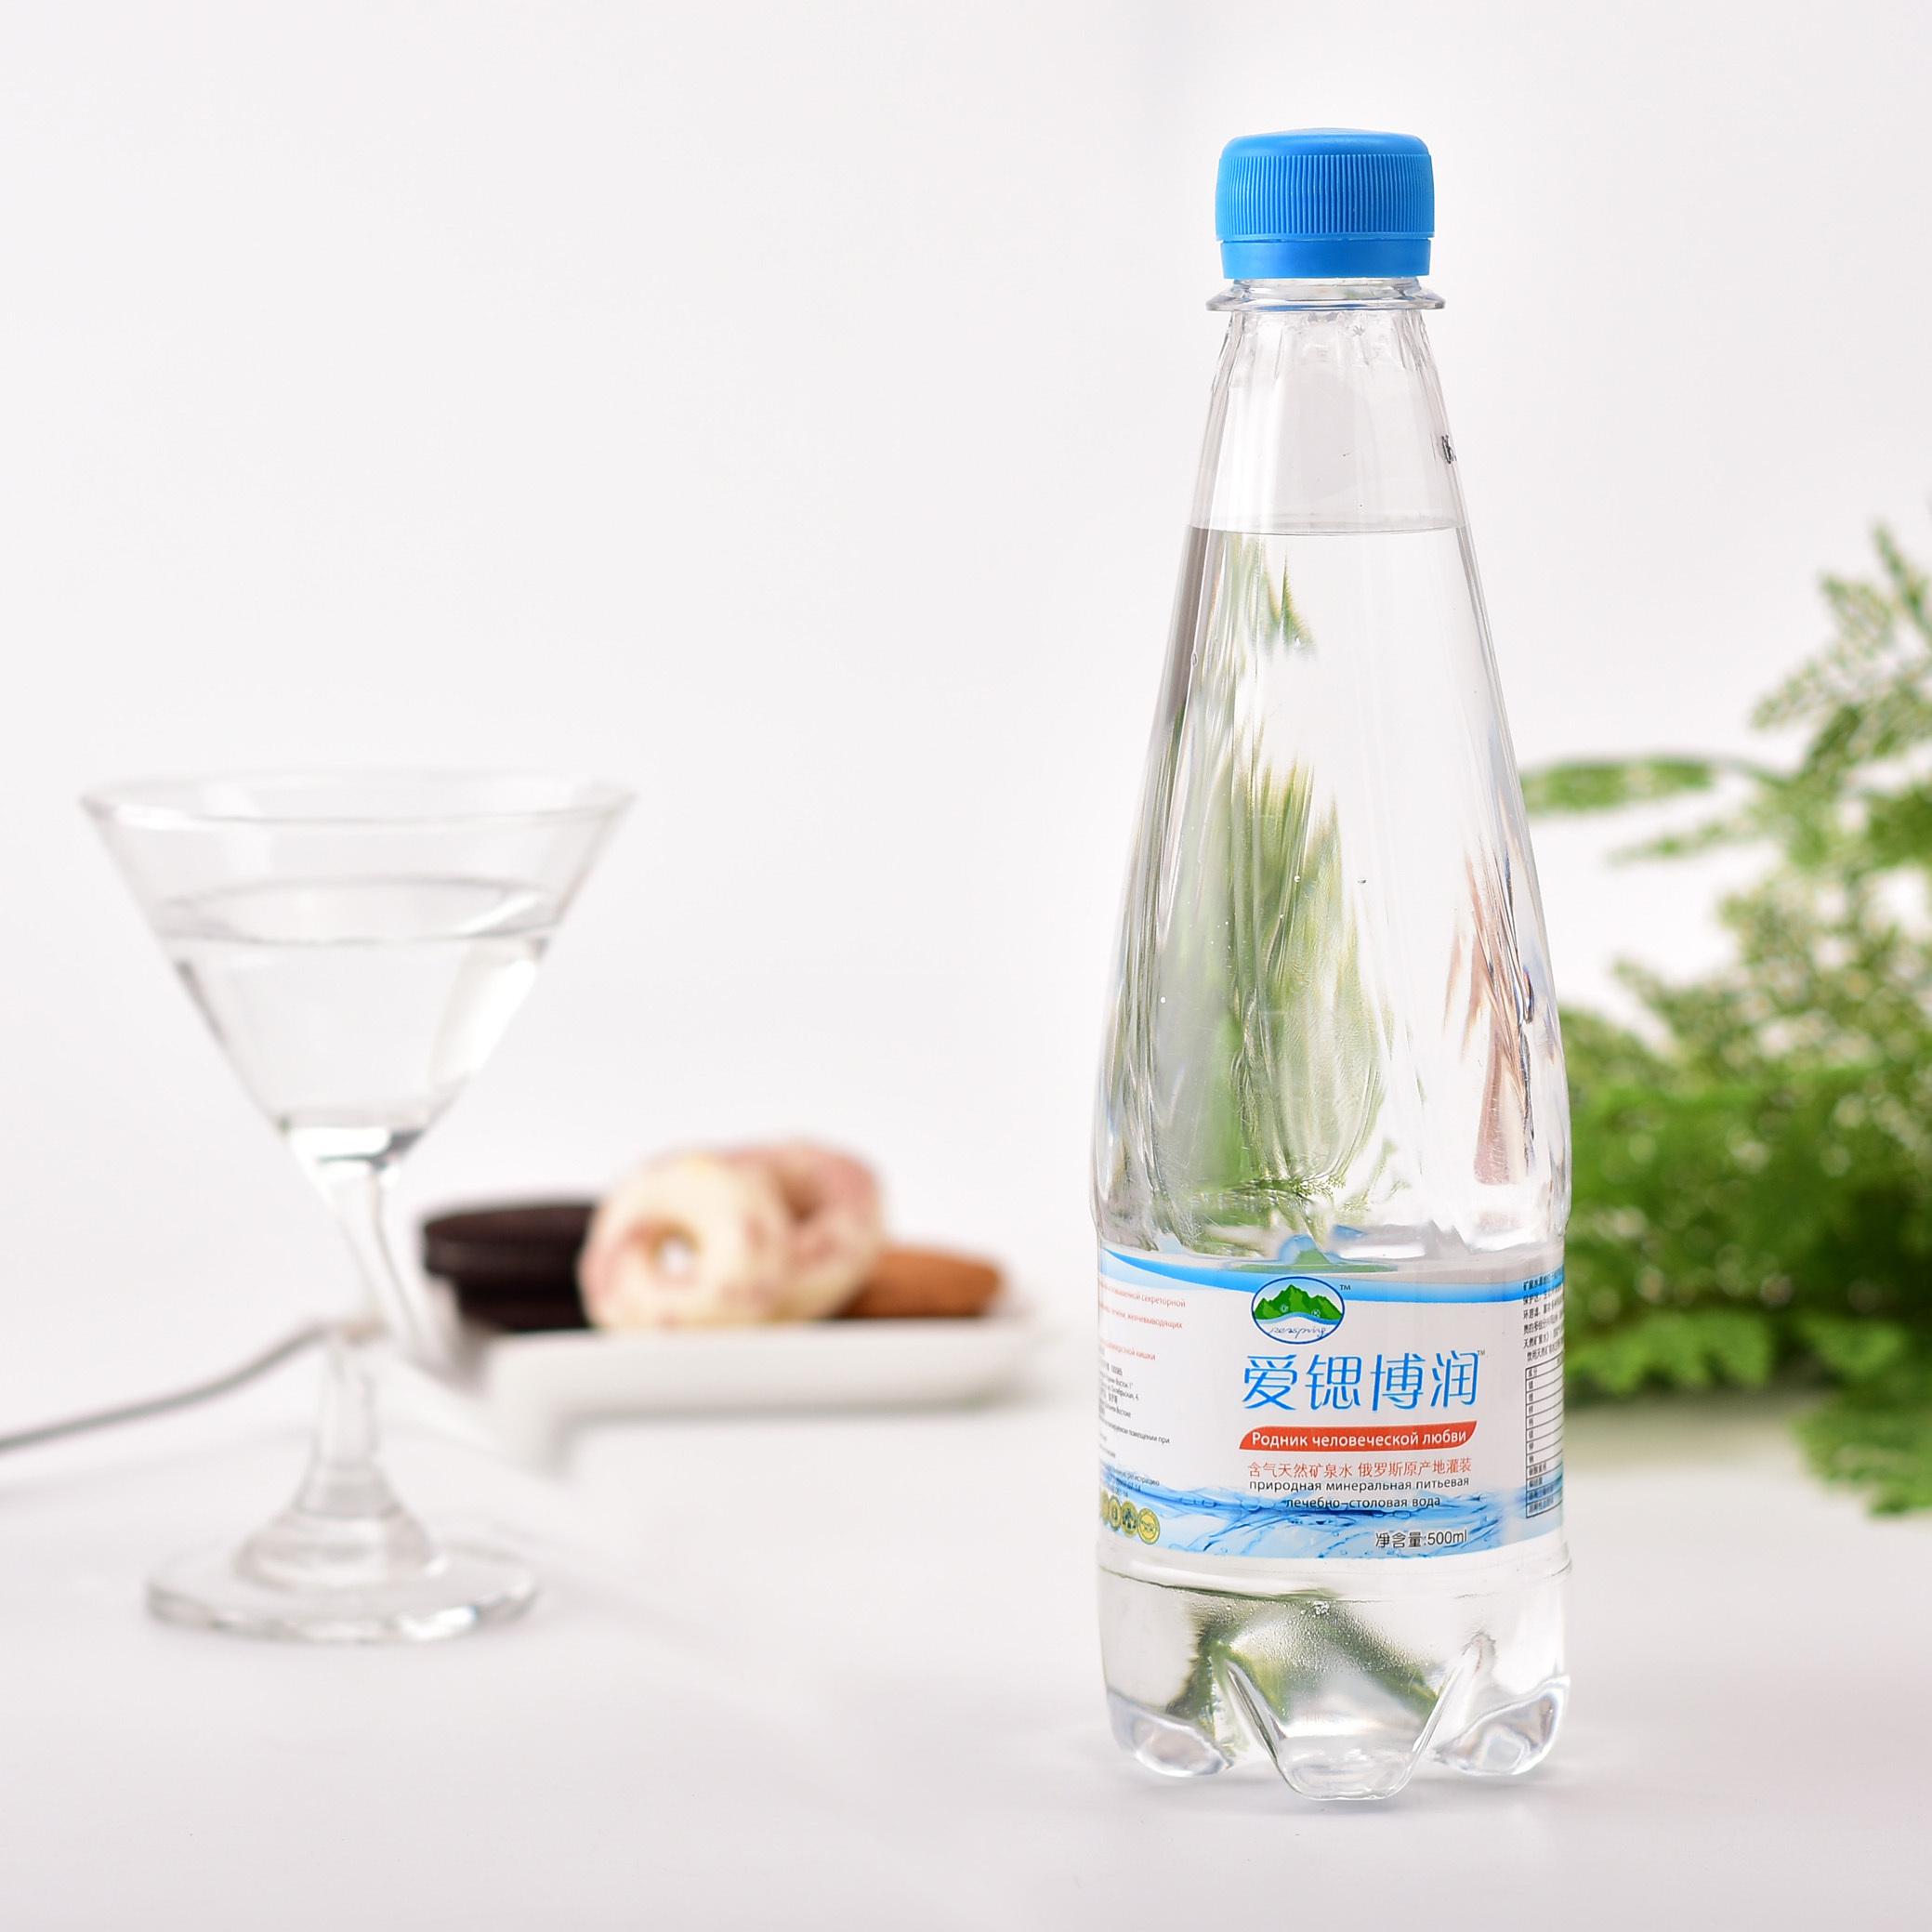 爱锶博润健康饮用水